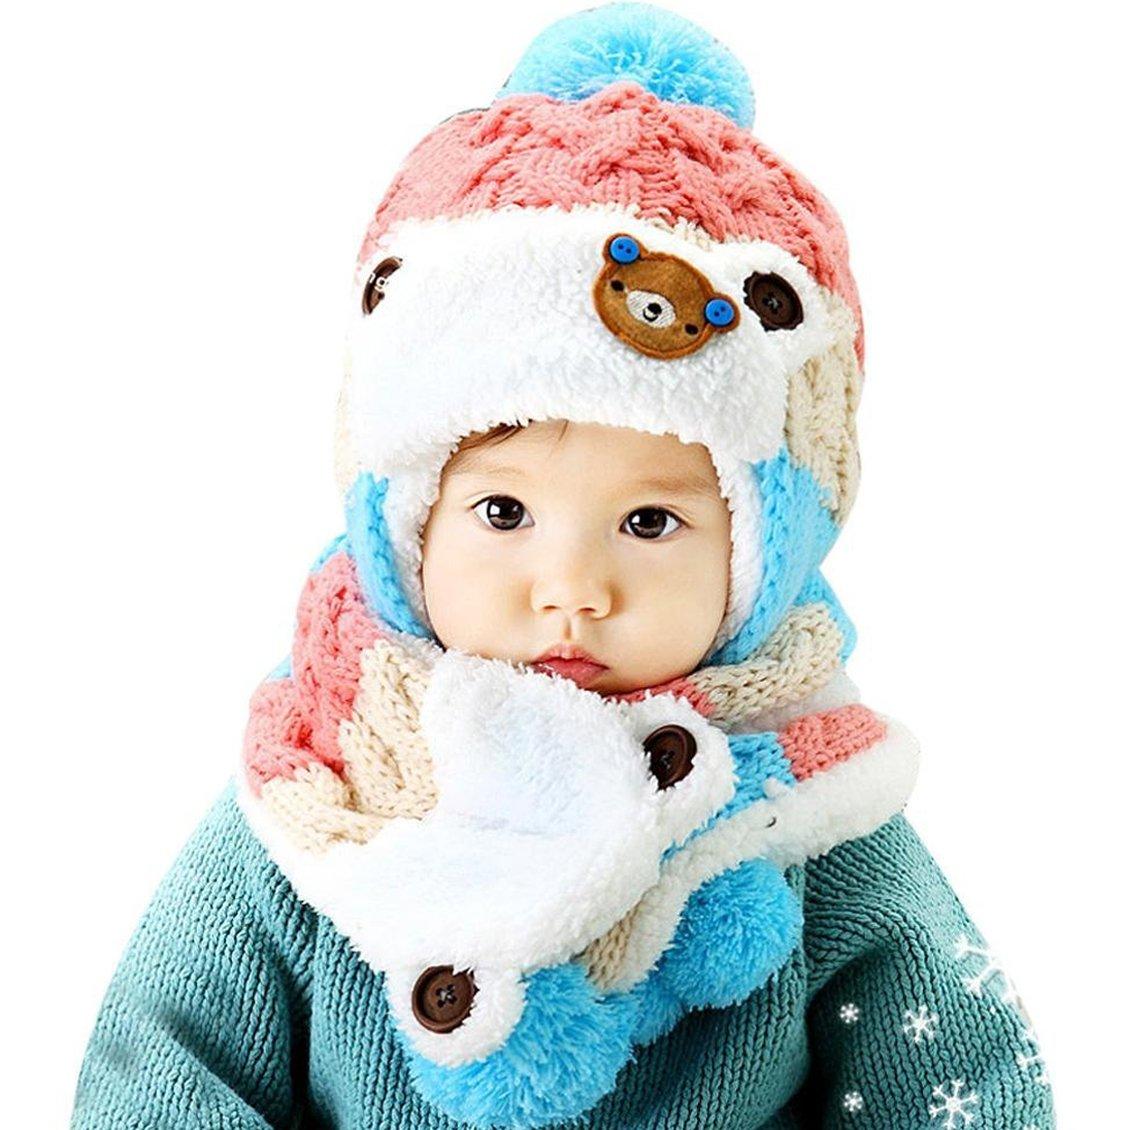 Bonnet long tombant en jersey pour enfant unisexe bas hiver chaud bonnet  tendance GBMU-Kamel-M Idées cadeaux de Noël eda2ae8cb0f